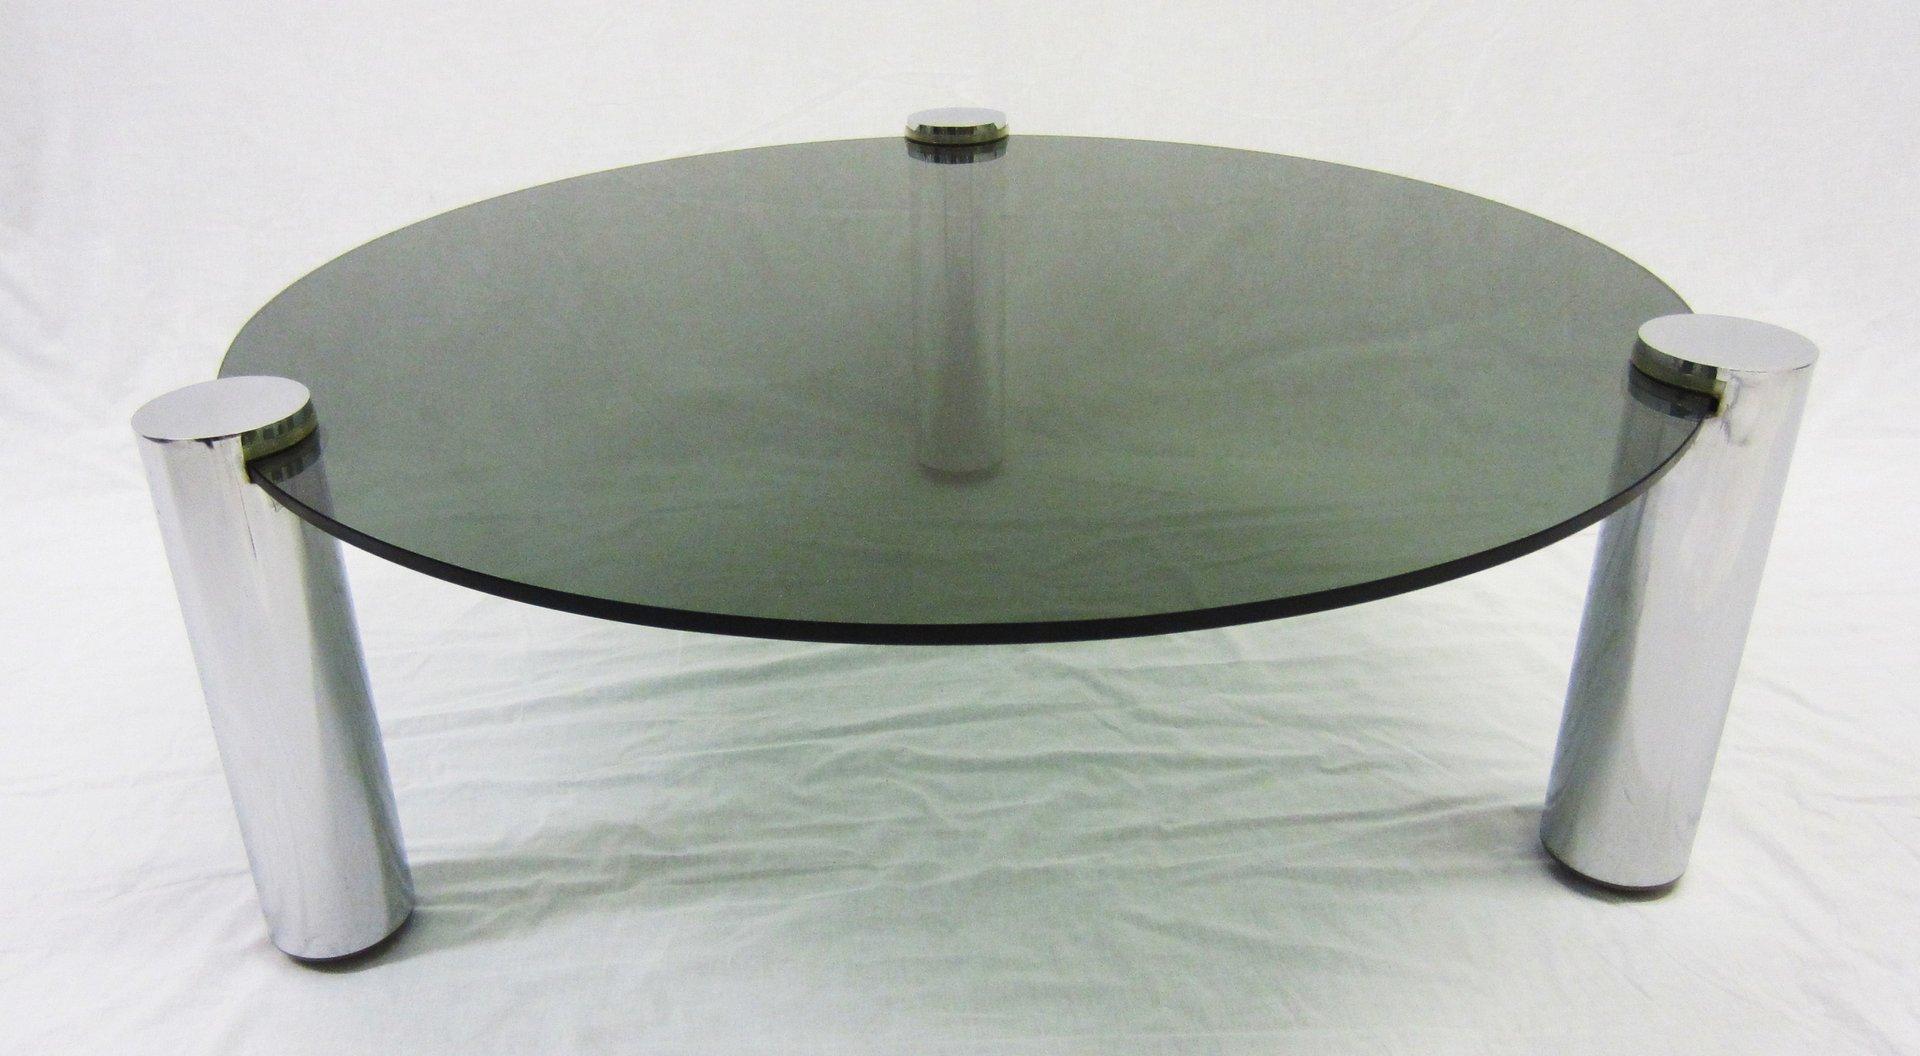 Runder couchtisch aus glas und chrom von pieff 1960er bei for Runder couchtisch glas